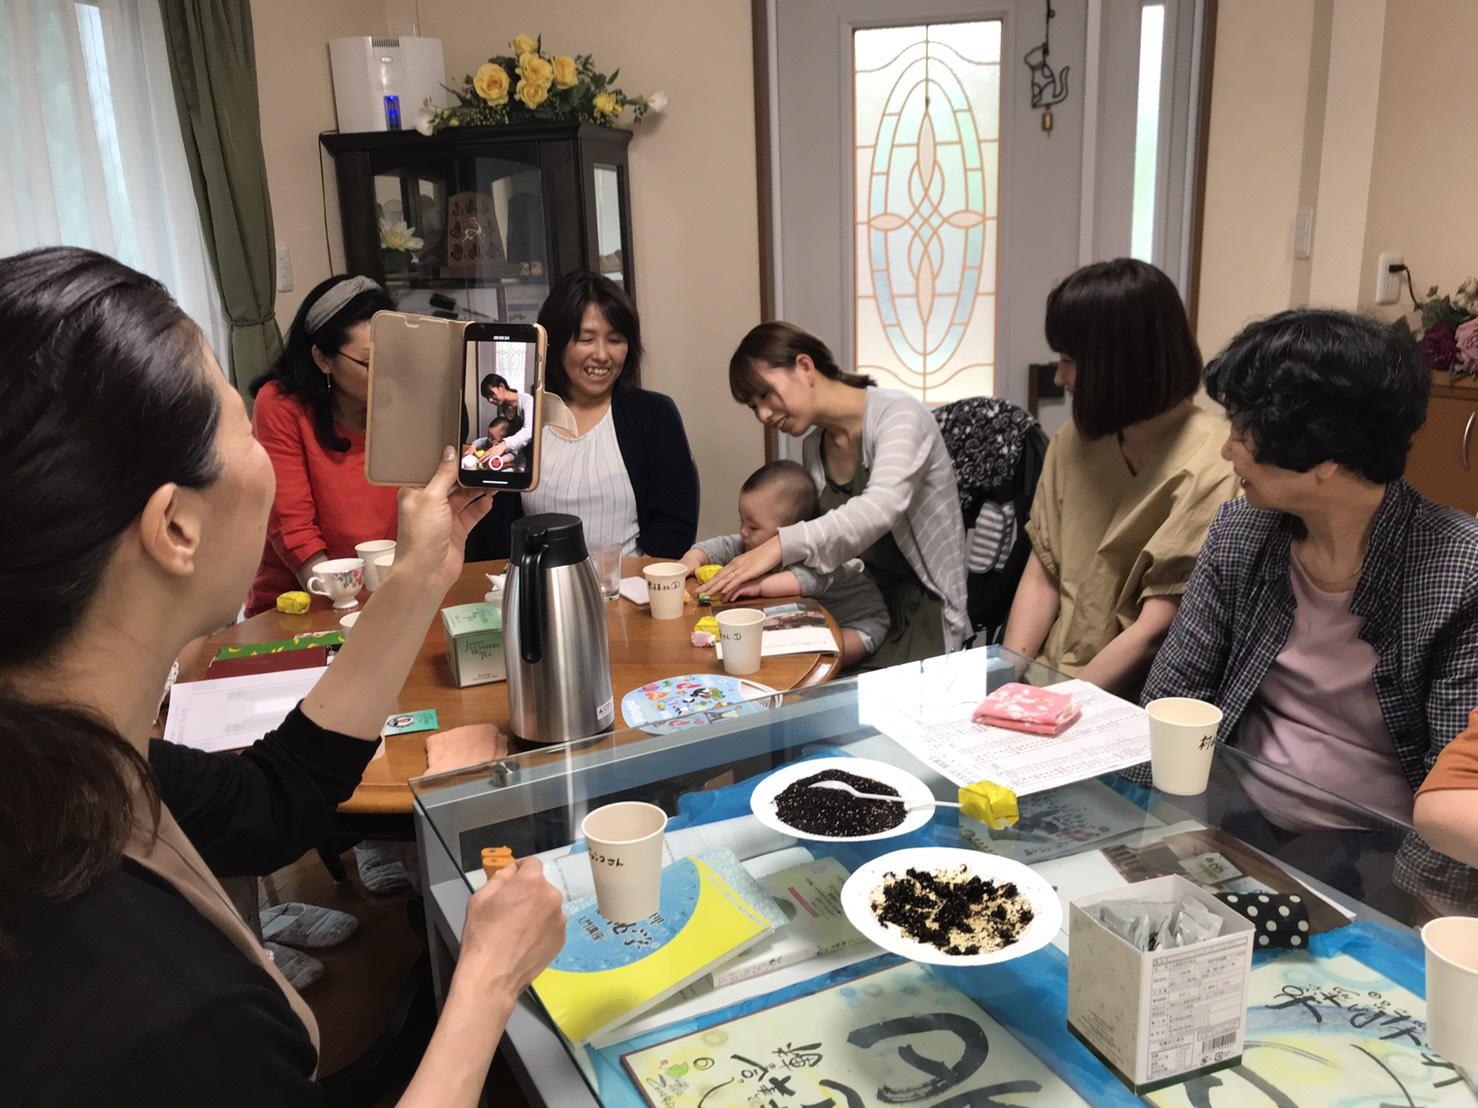 雪絵先生とご一緒にお茶会を開催(シン・セシア)